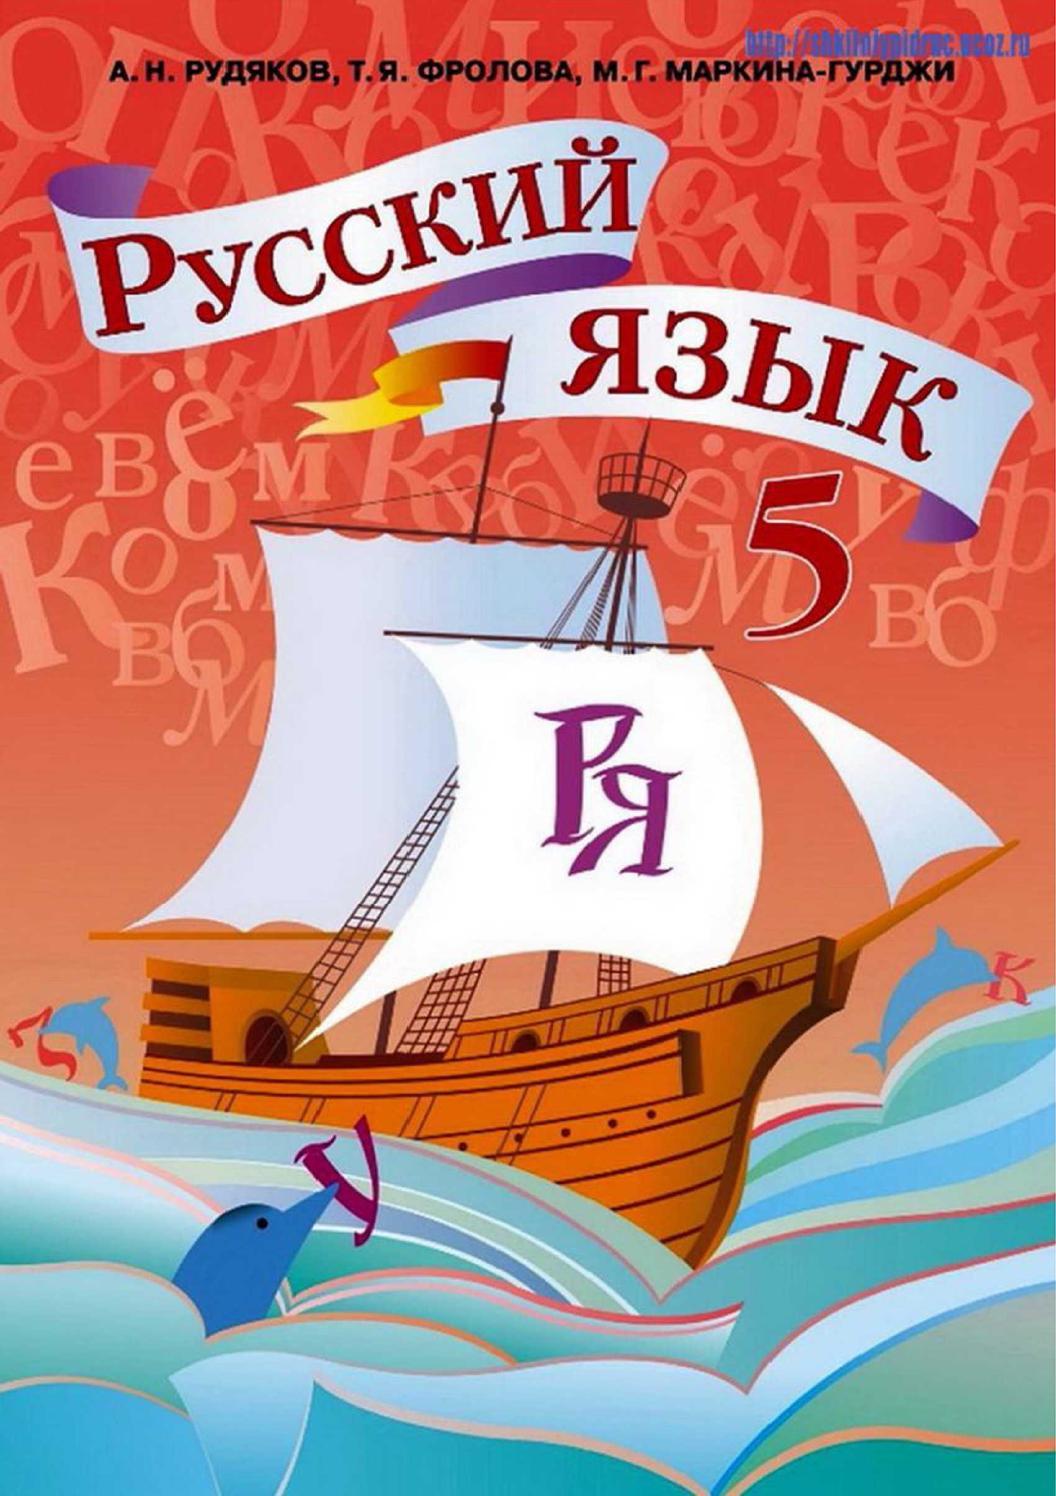 Русскому языку 5 по решебник класс рудяков учебника